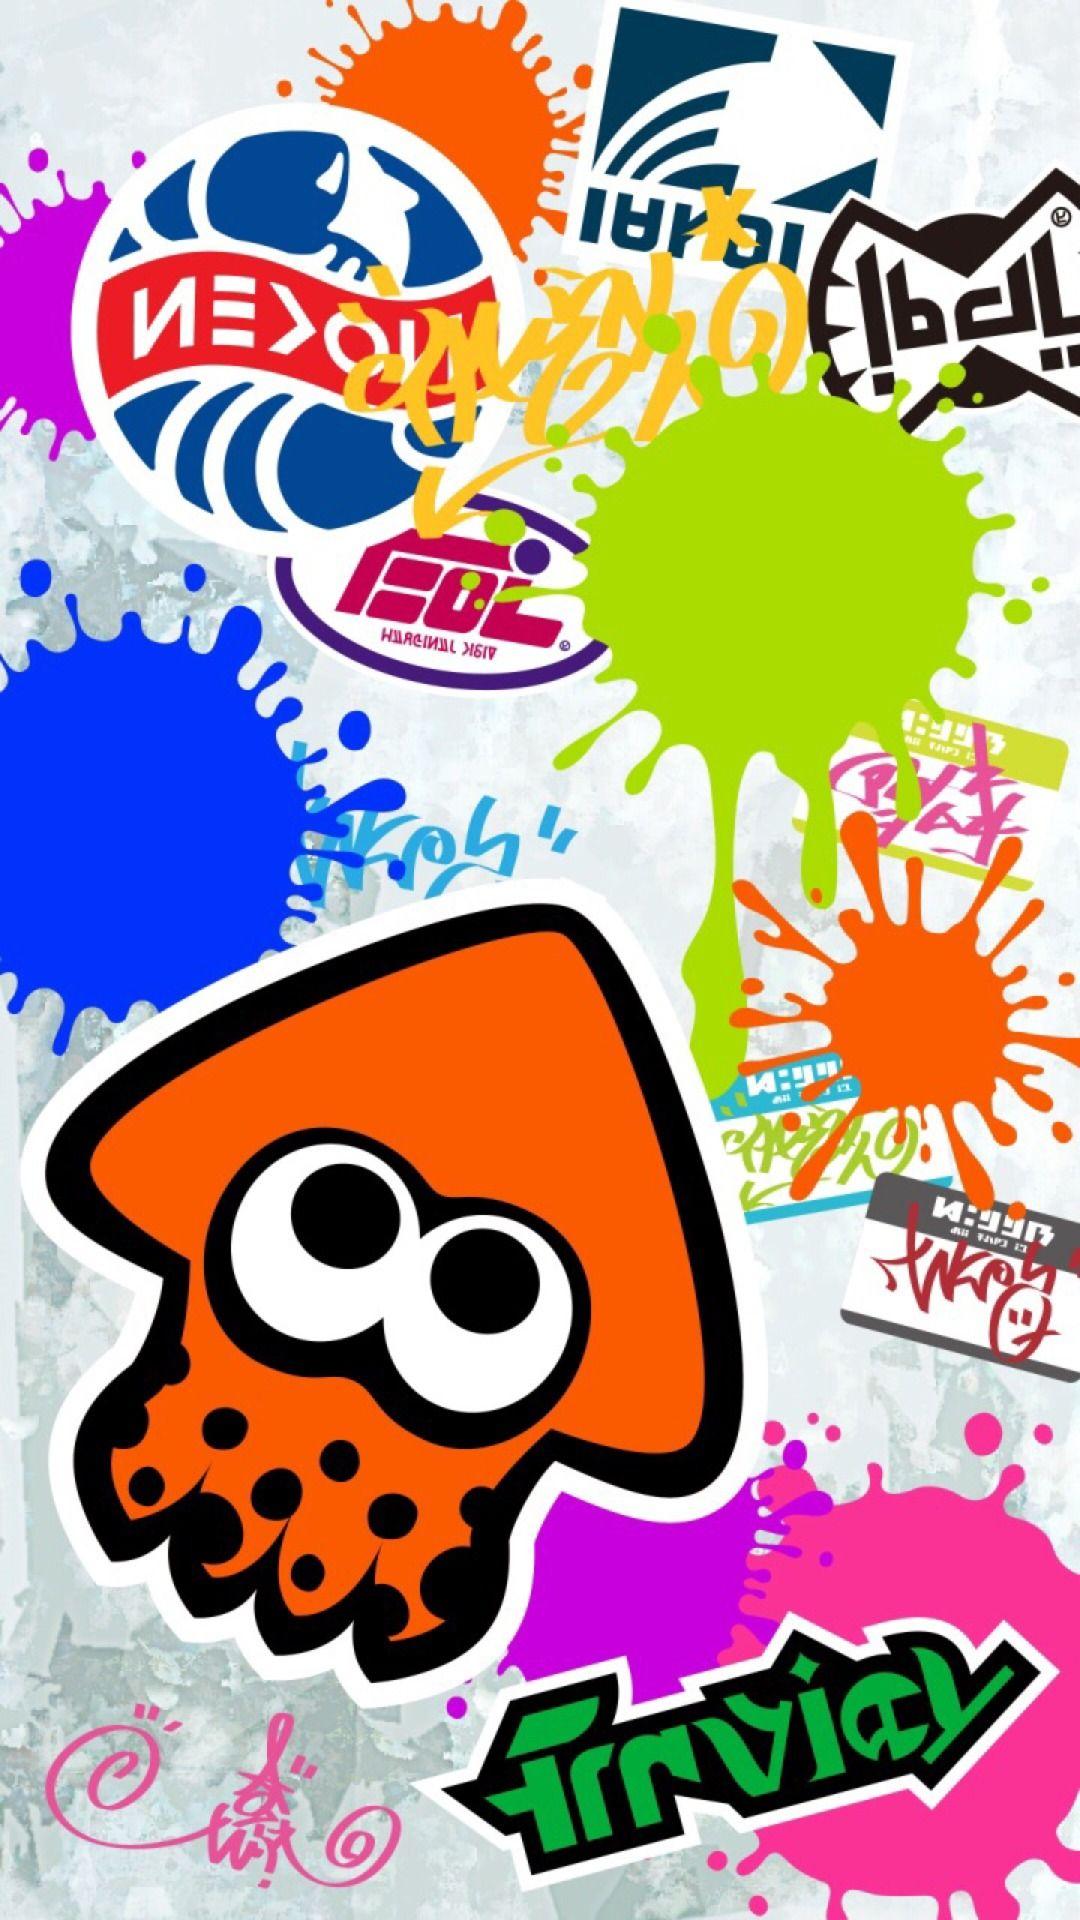 Splatoon Wallpaper D Splatoon Nintendo Splatoon Iphone Wallpaper